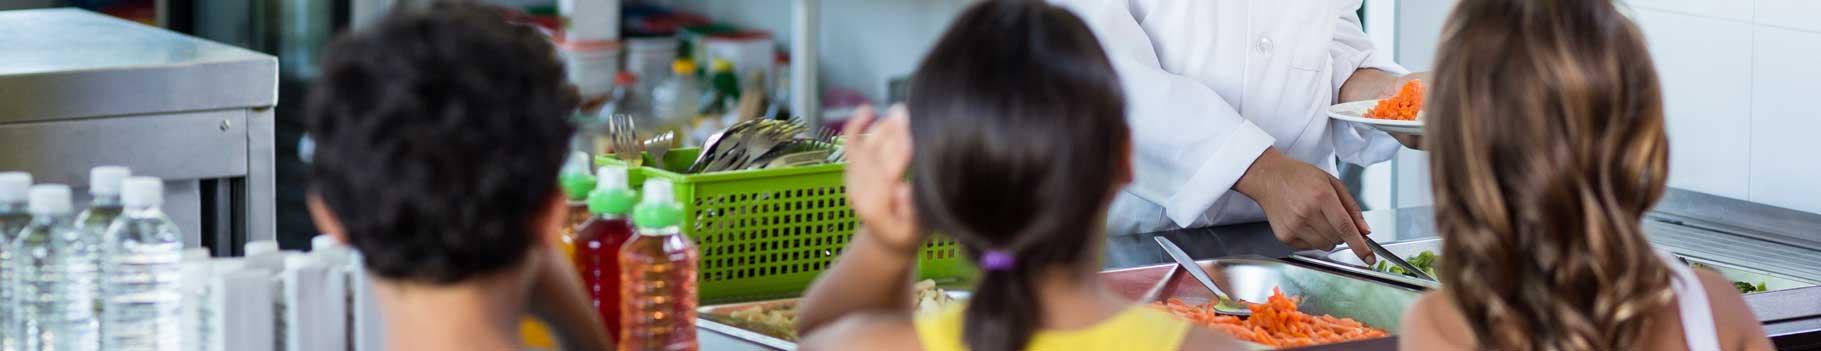 Imagen de instalaciones para comedores escolares y colegios